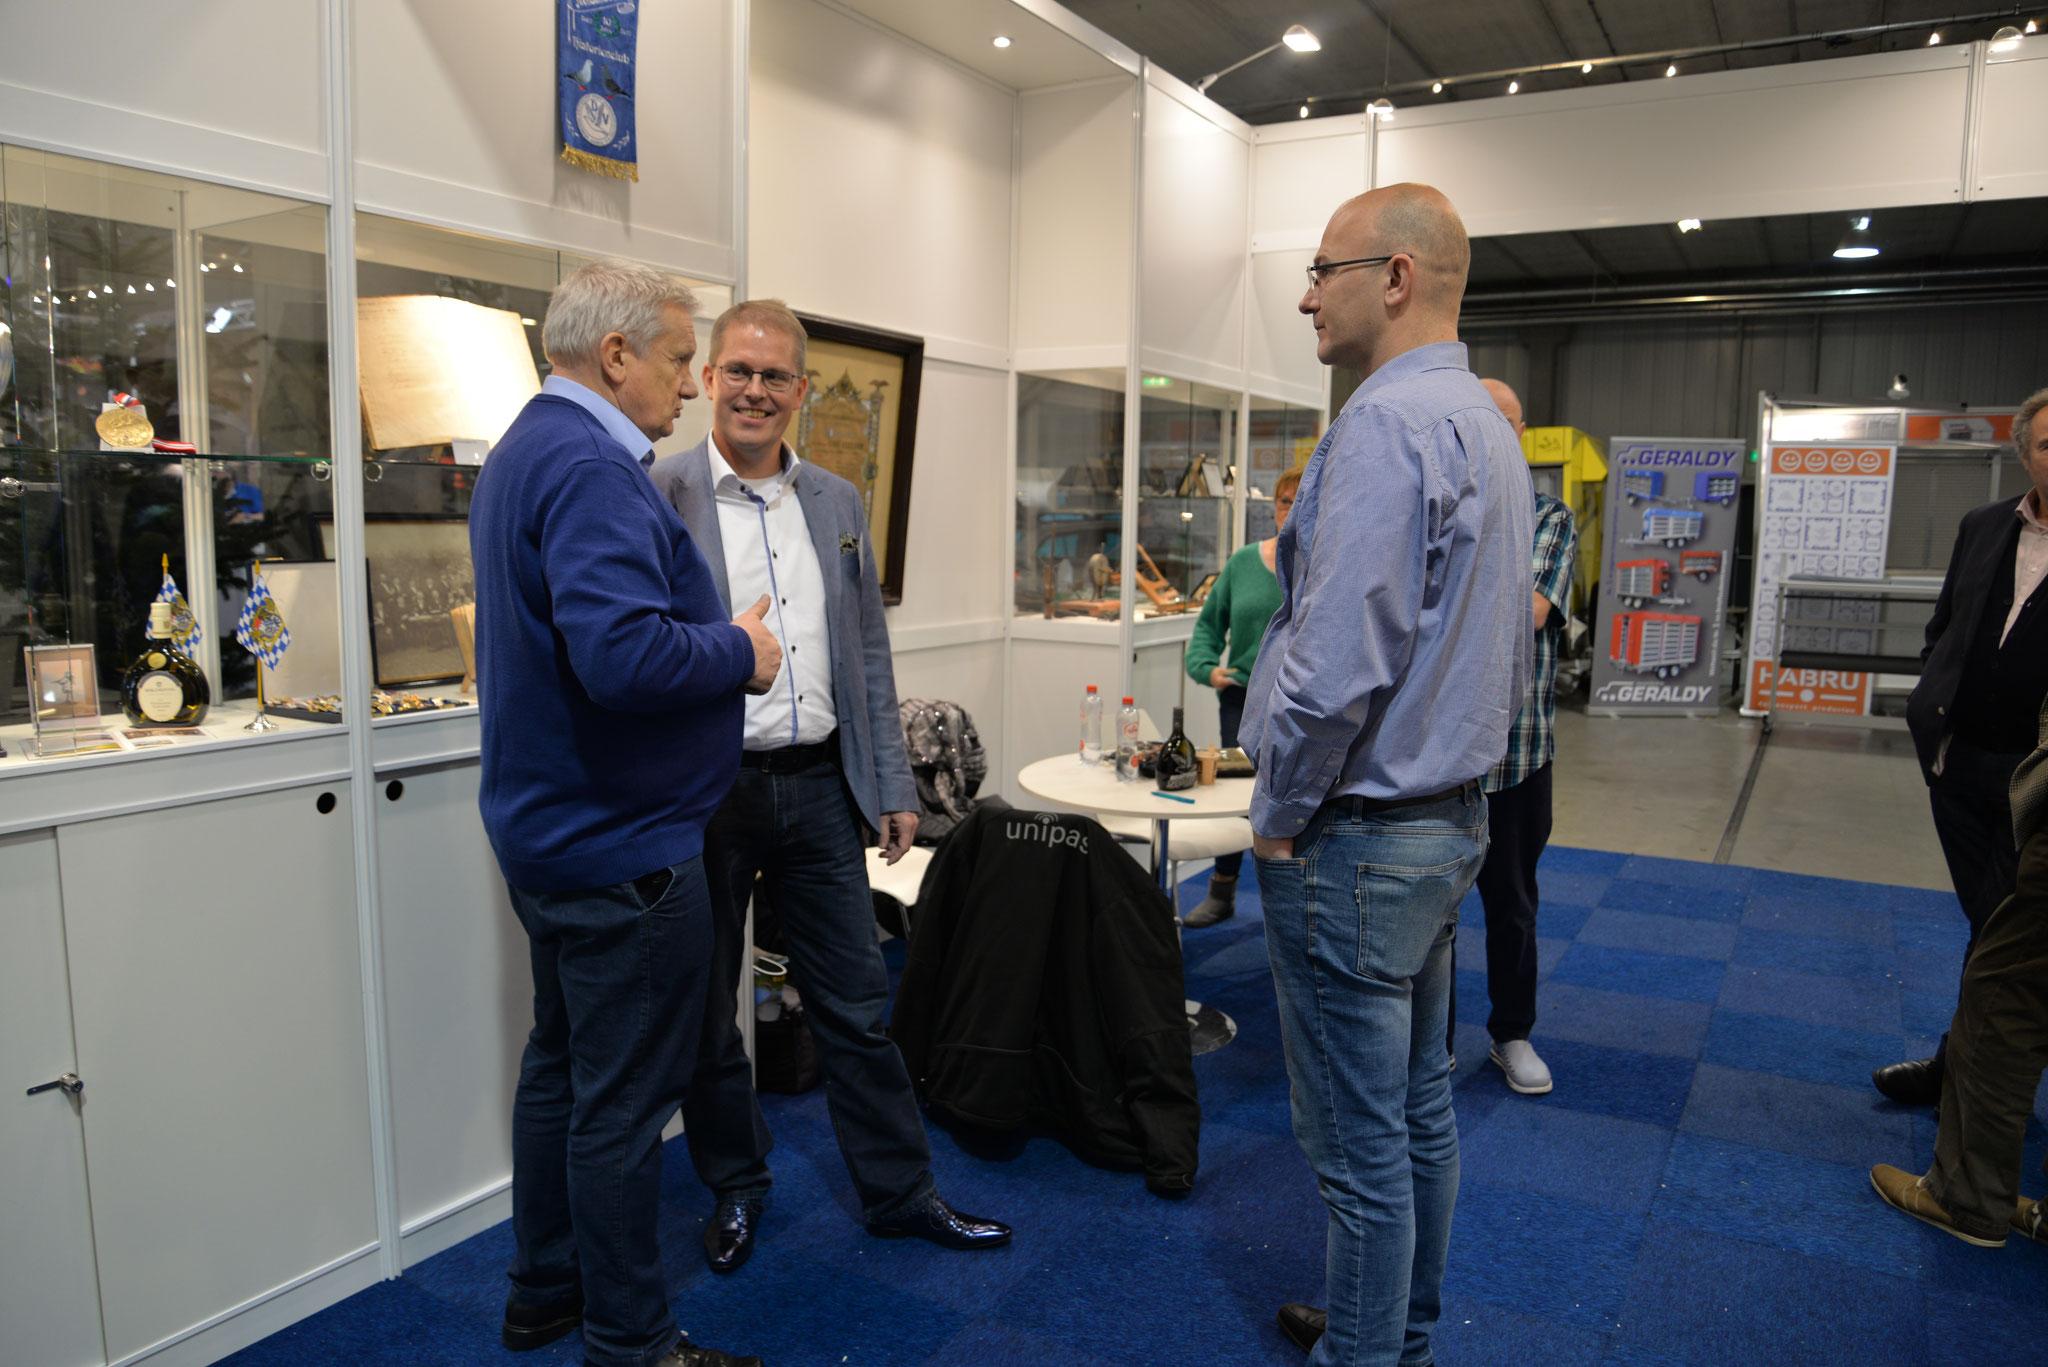 Michael Mahr und Gerwin Basch im Gespräch mit dem holländischen Präsidenten.